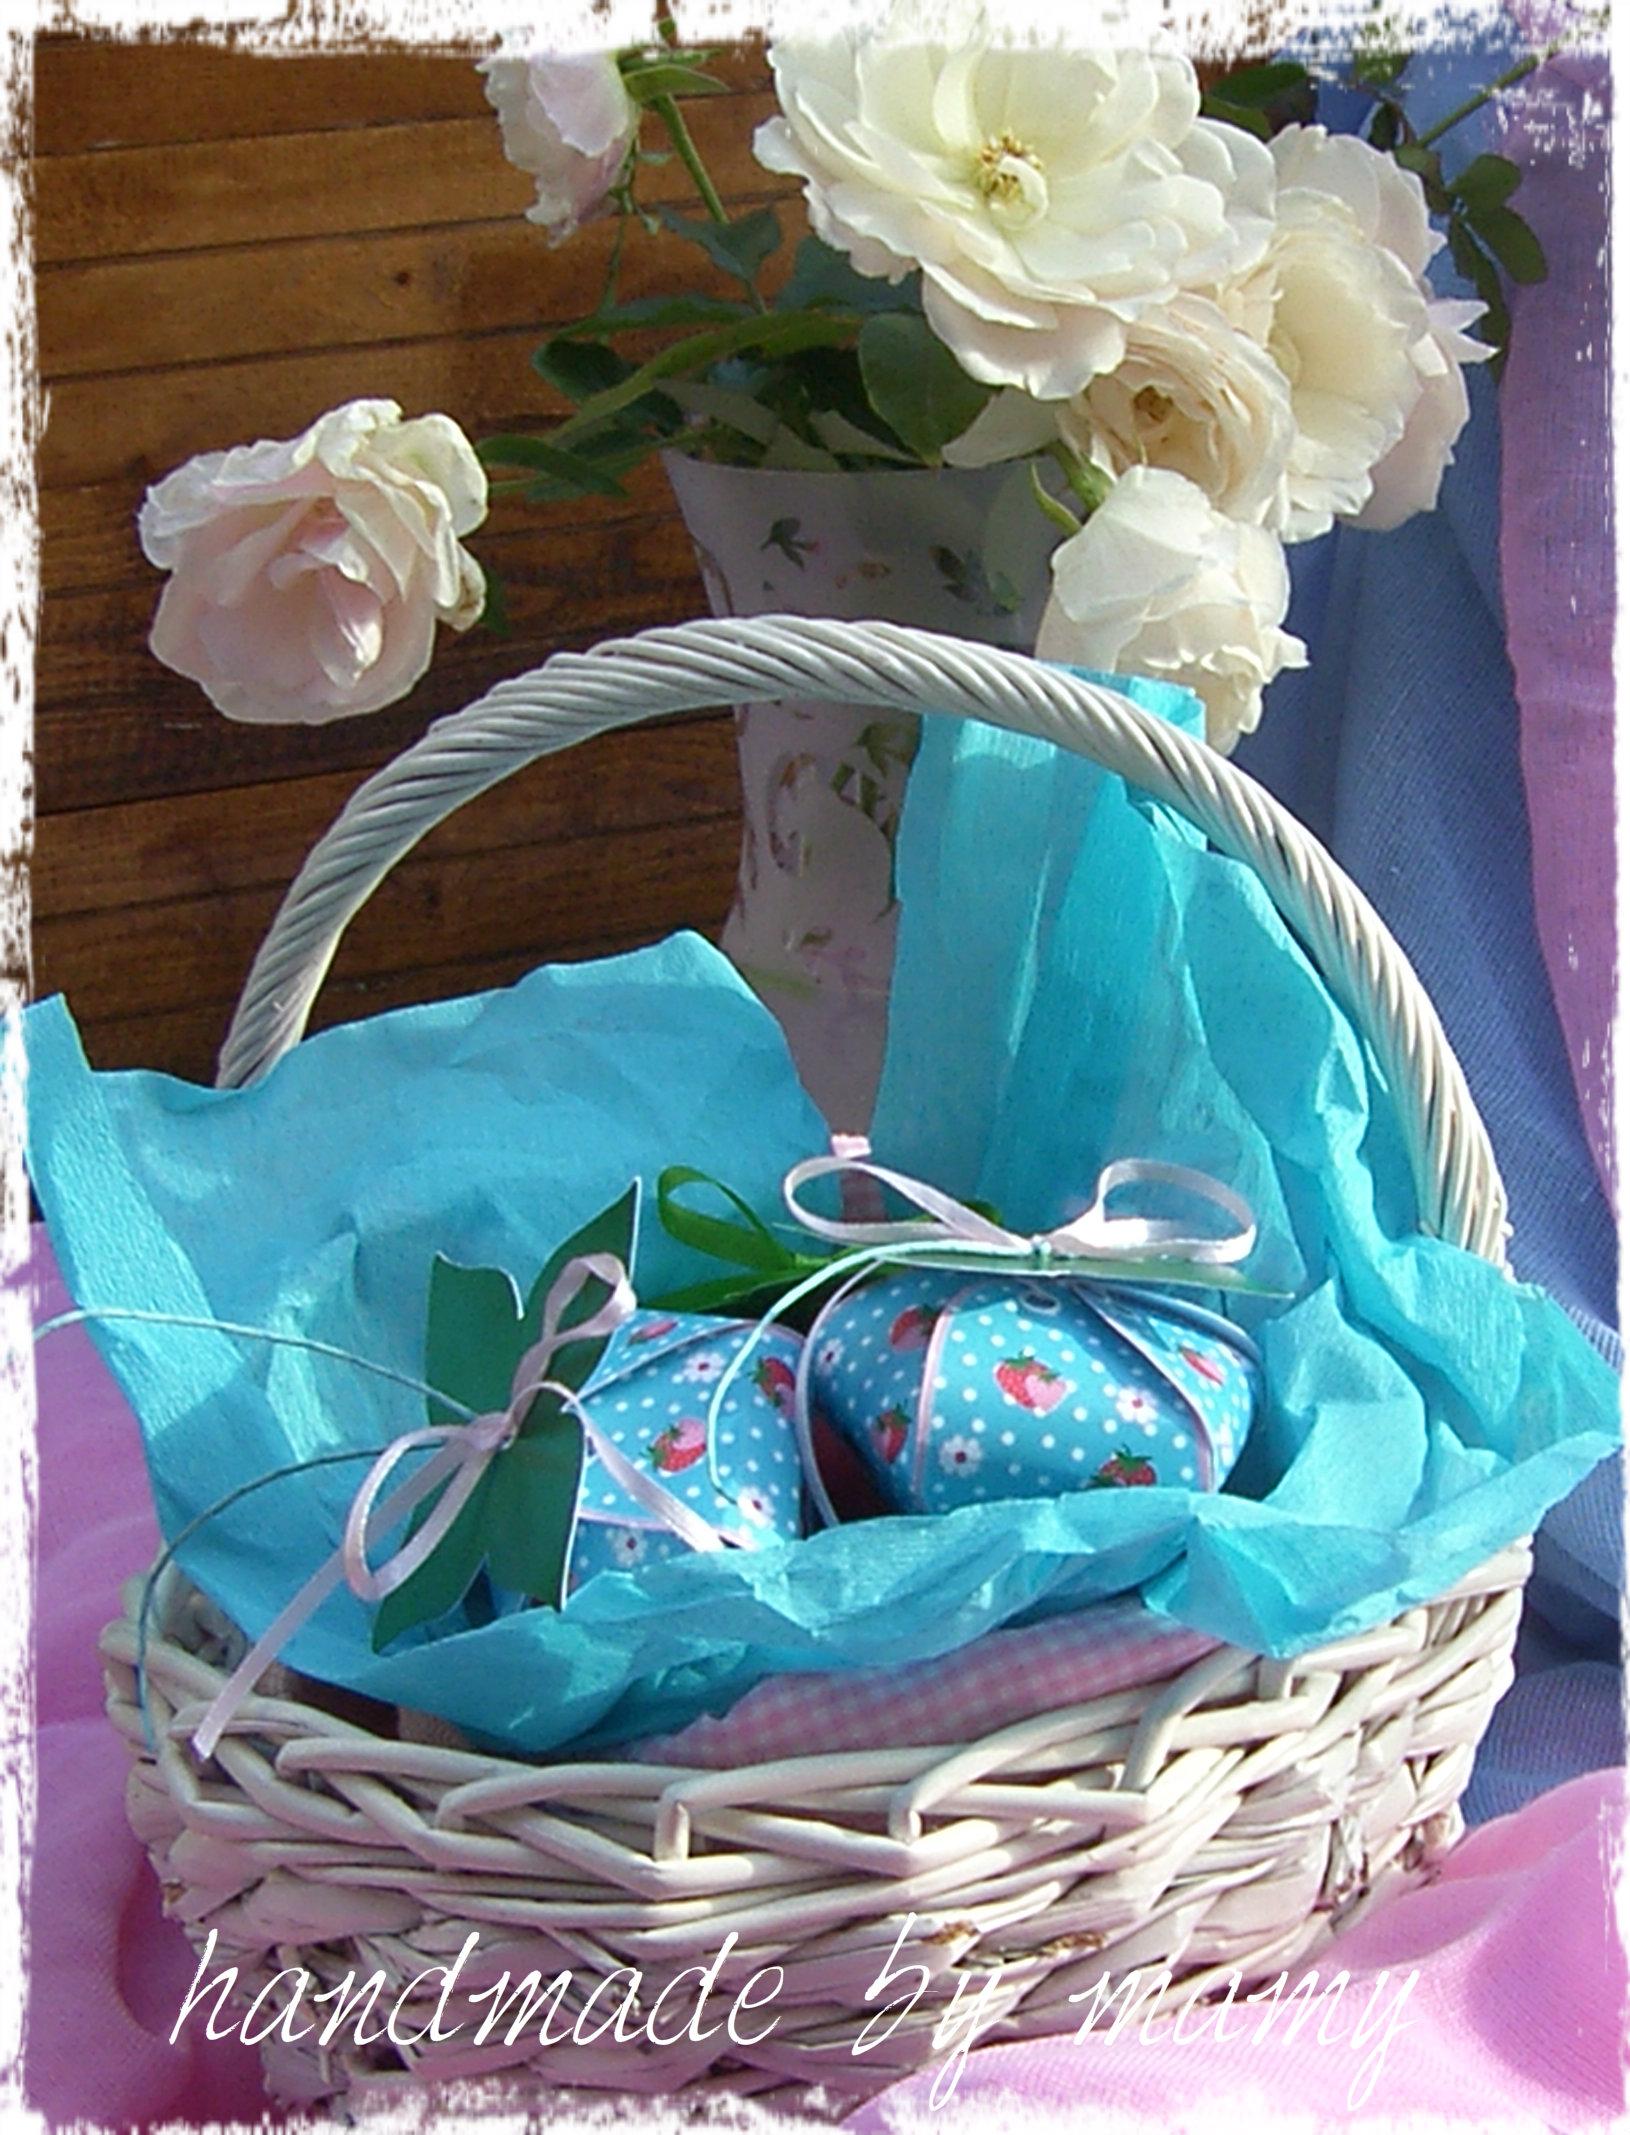 handmadebymamystrawbox